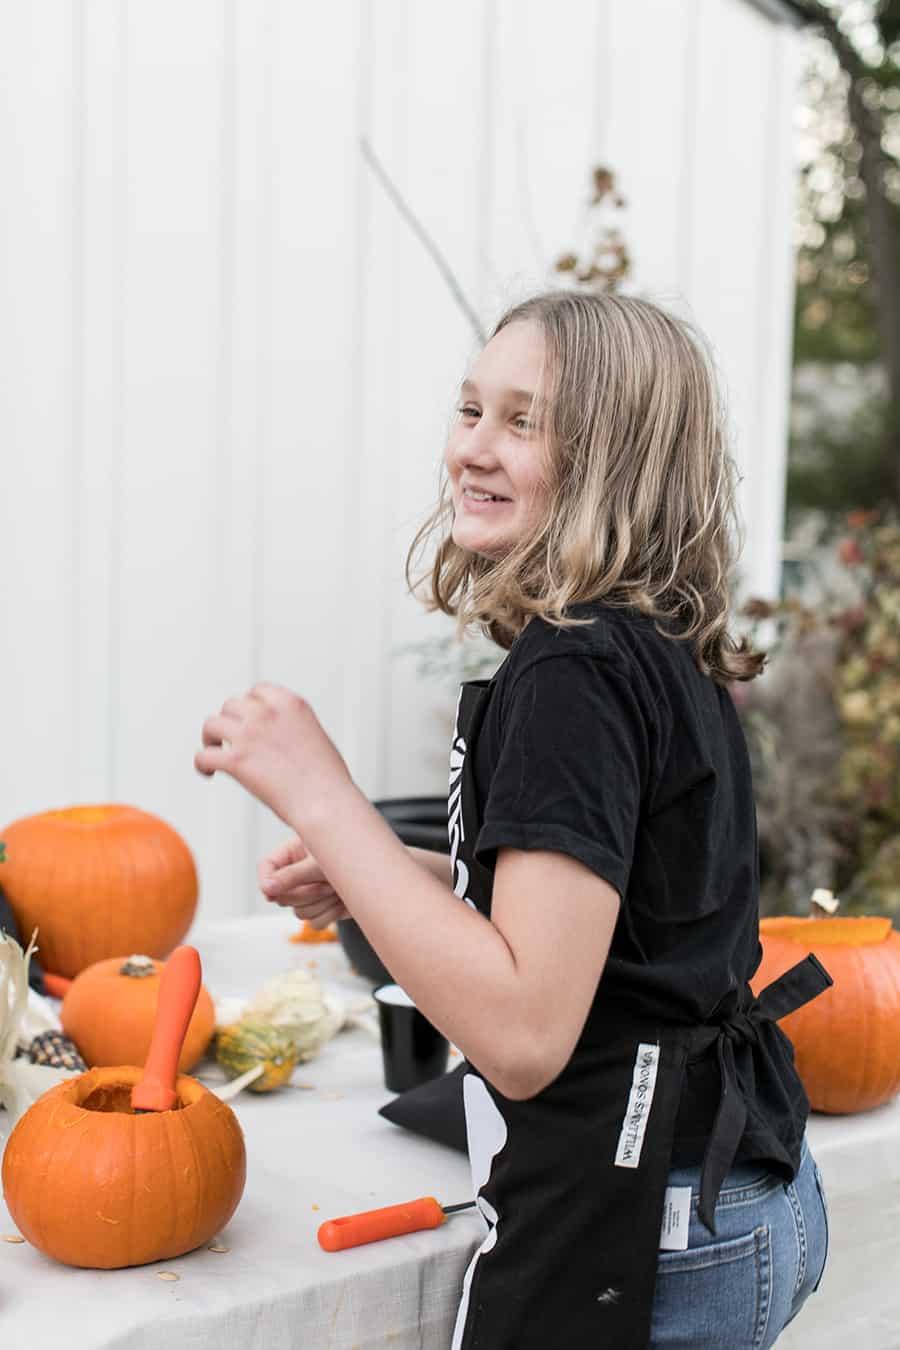 shot of child carving pumpkins